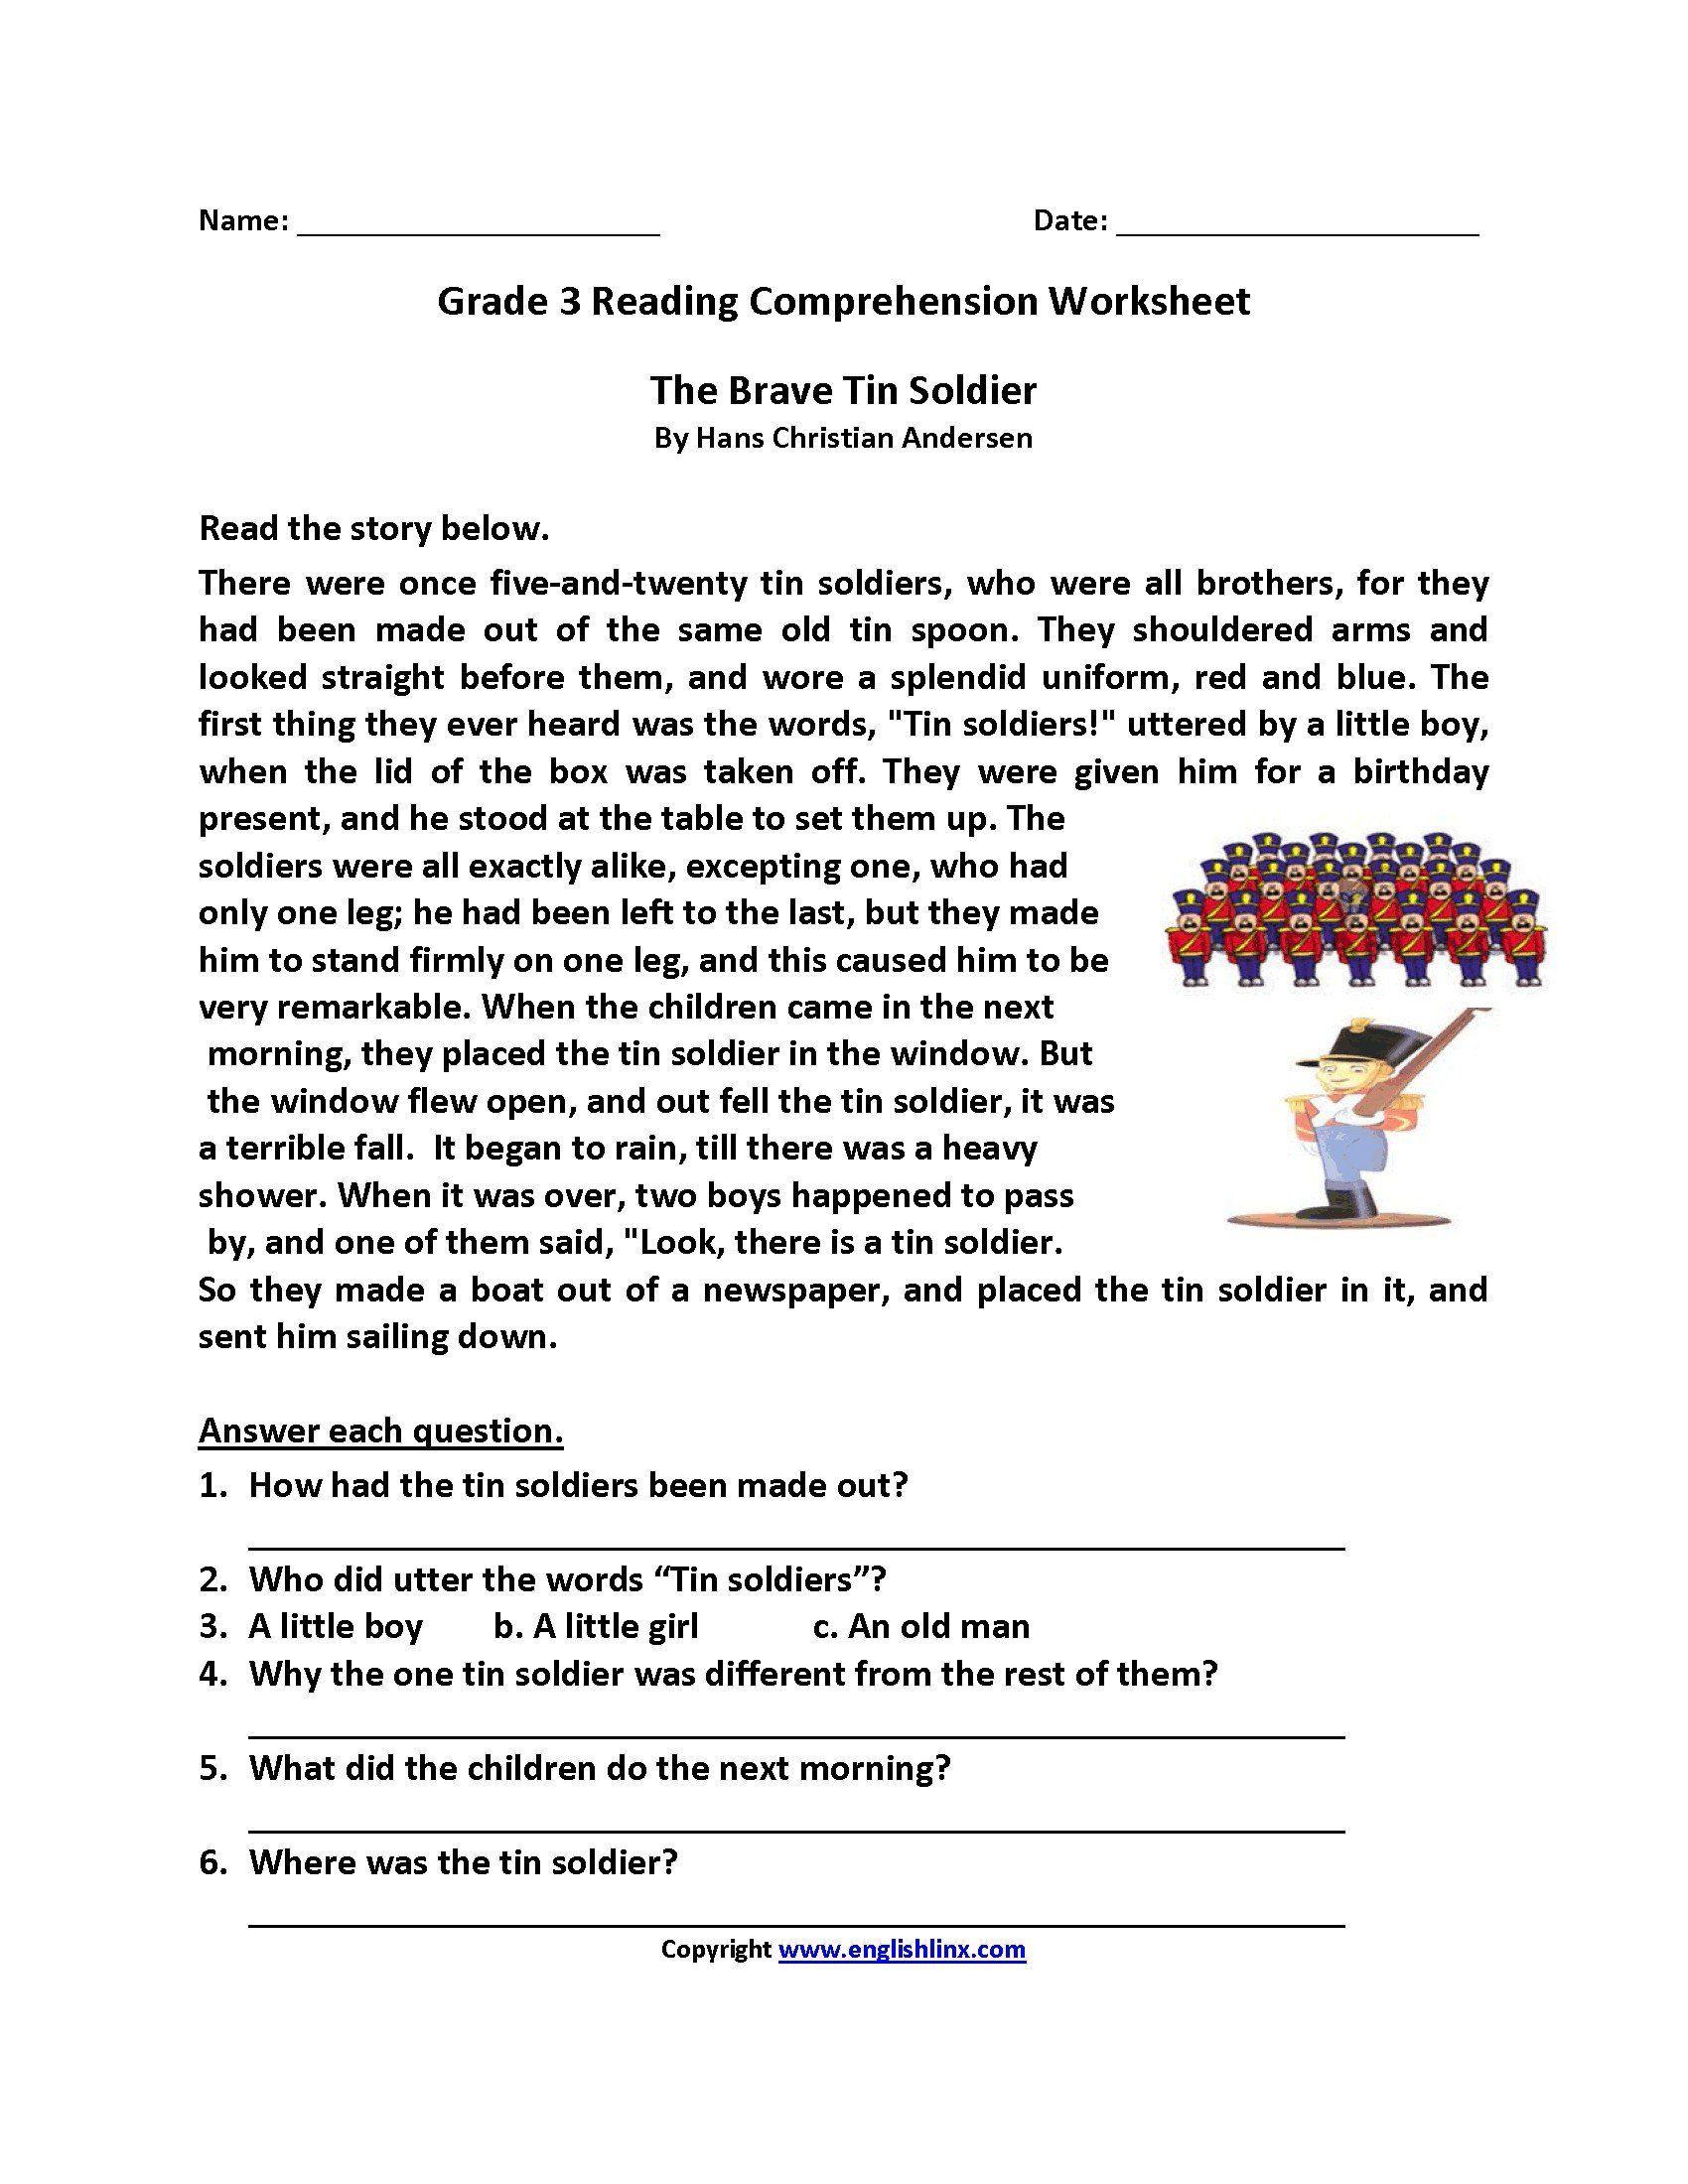 Inference Worksheets Grade 3 Second Grade Inference Worksheets Printa In 2020 Comprehension Worksheets Reading Comprehension Worksheets 2nd Grade Reading Comprehension